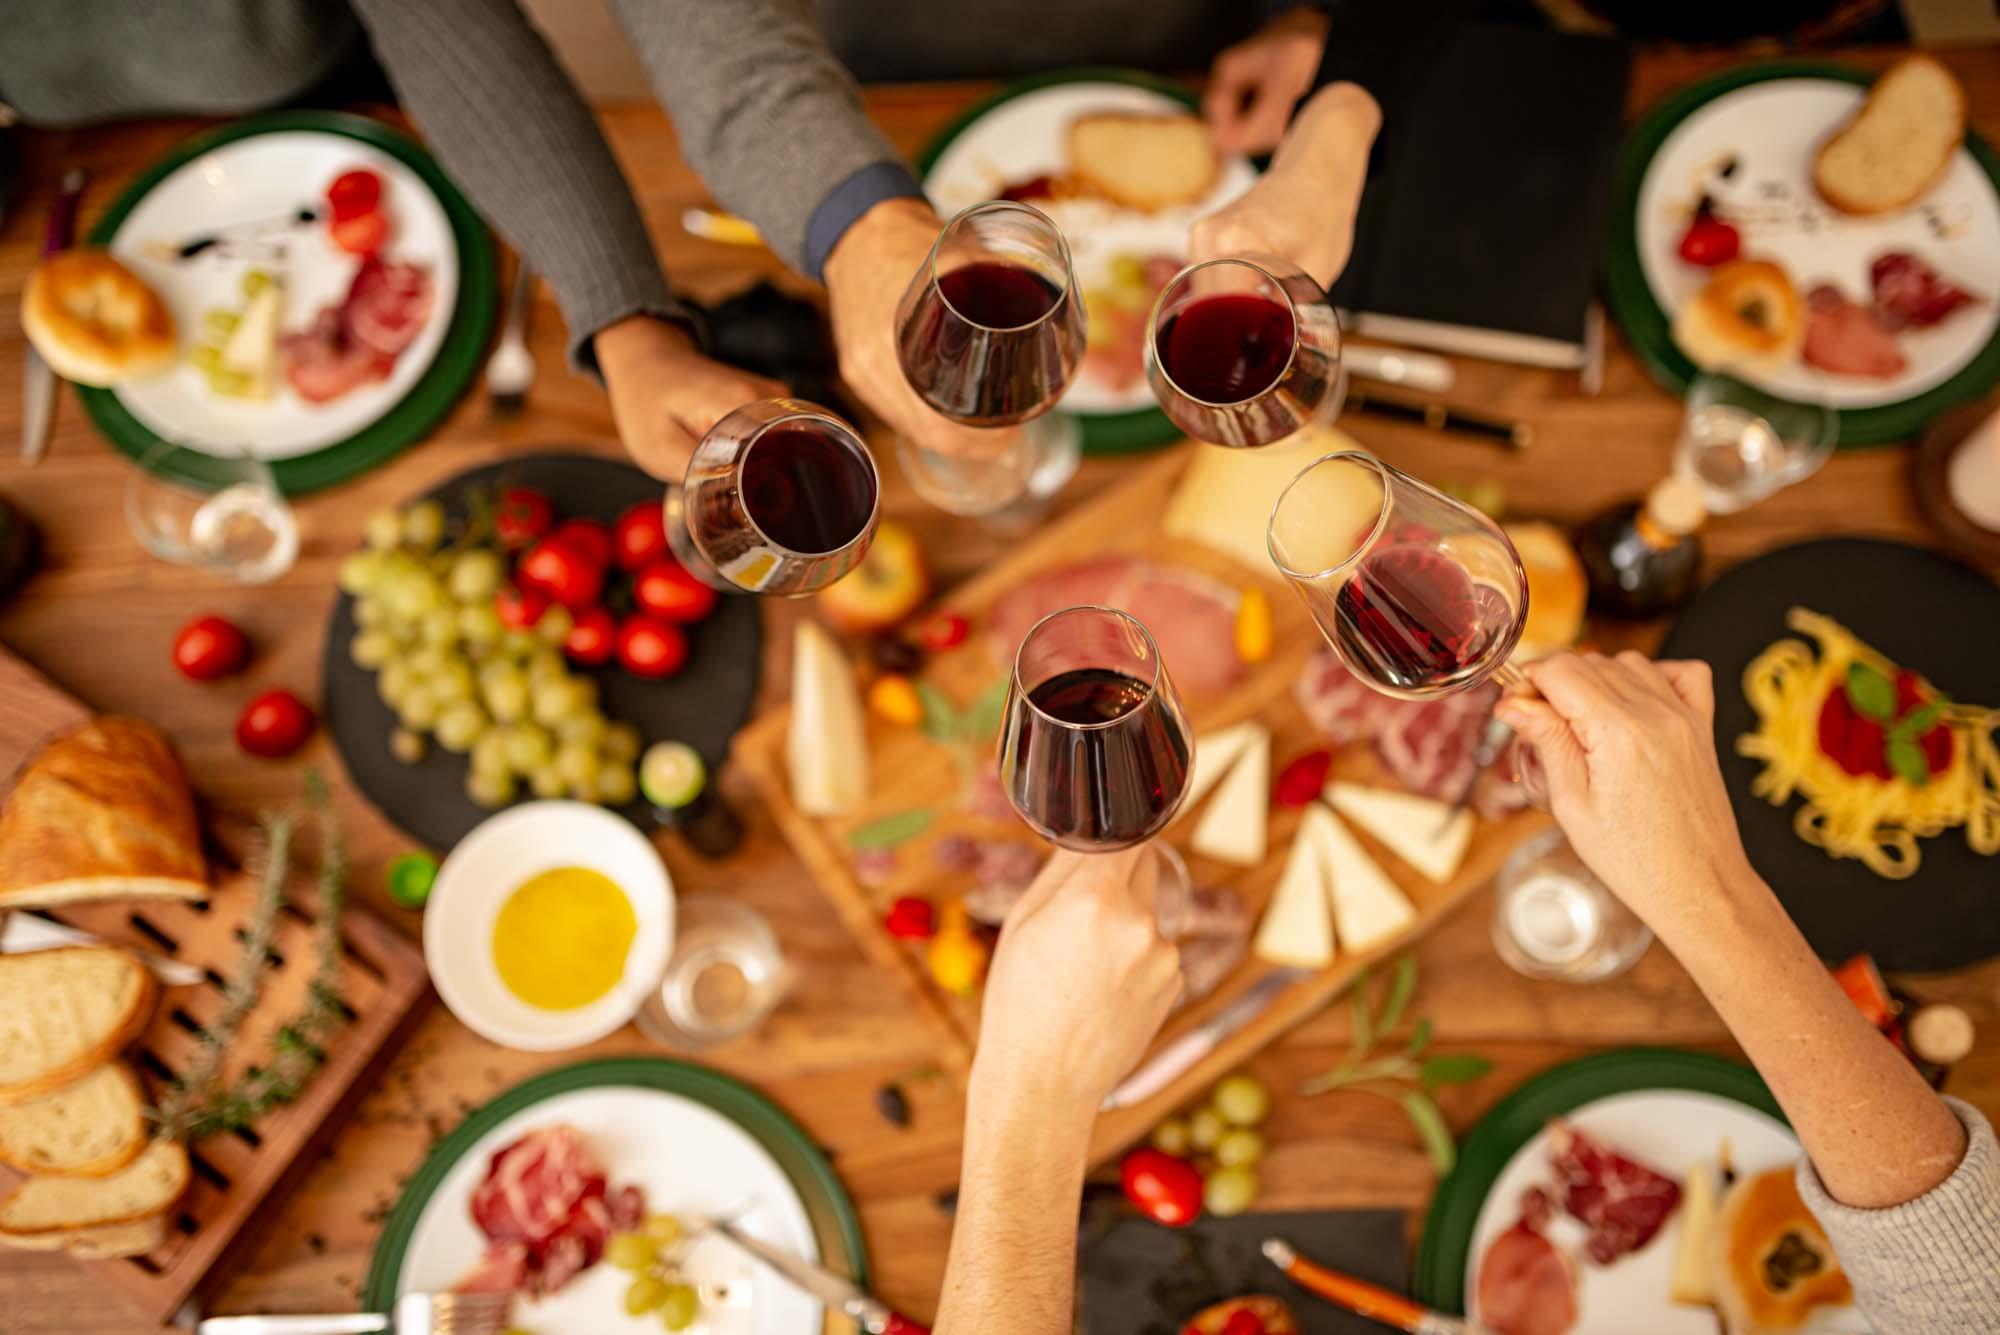 Cucina Amatoriale Cene Aziendali a Firenze